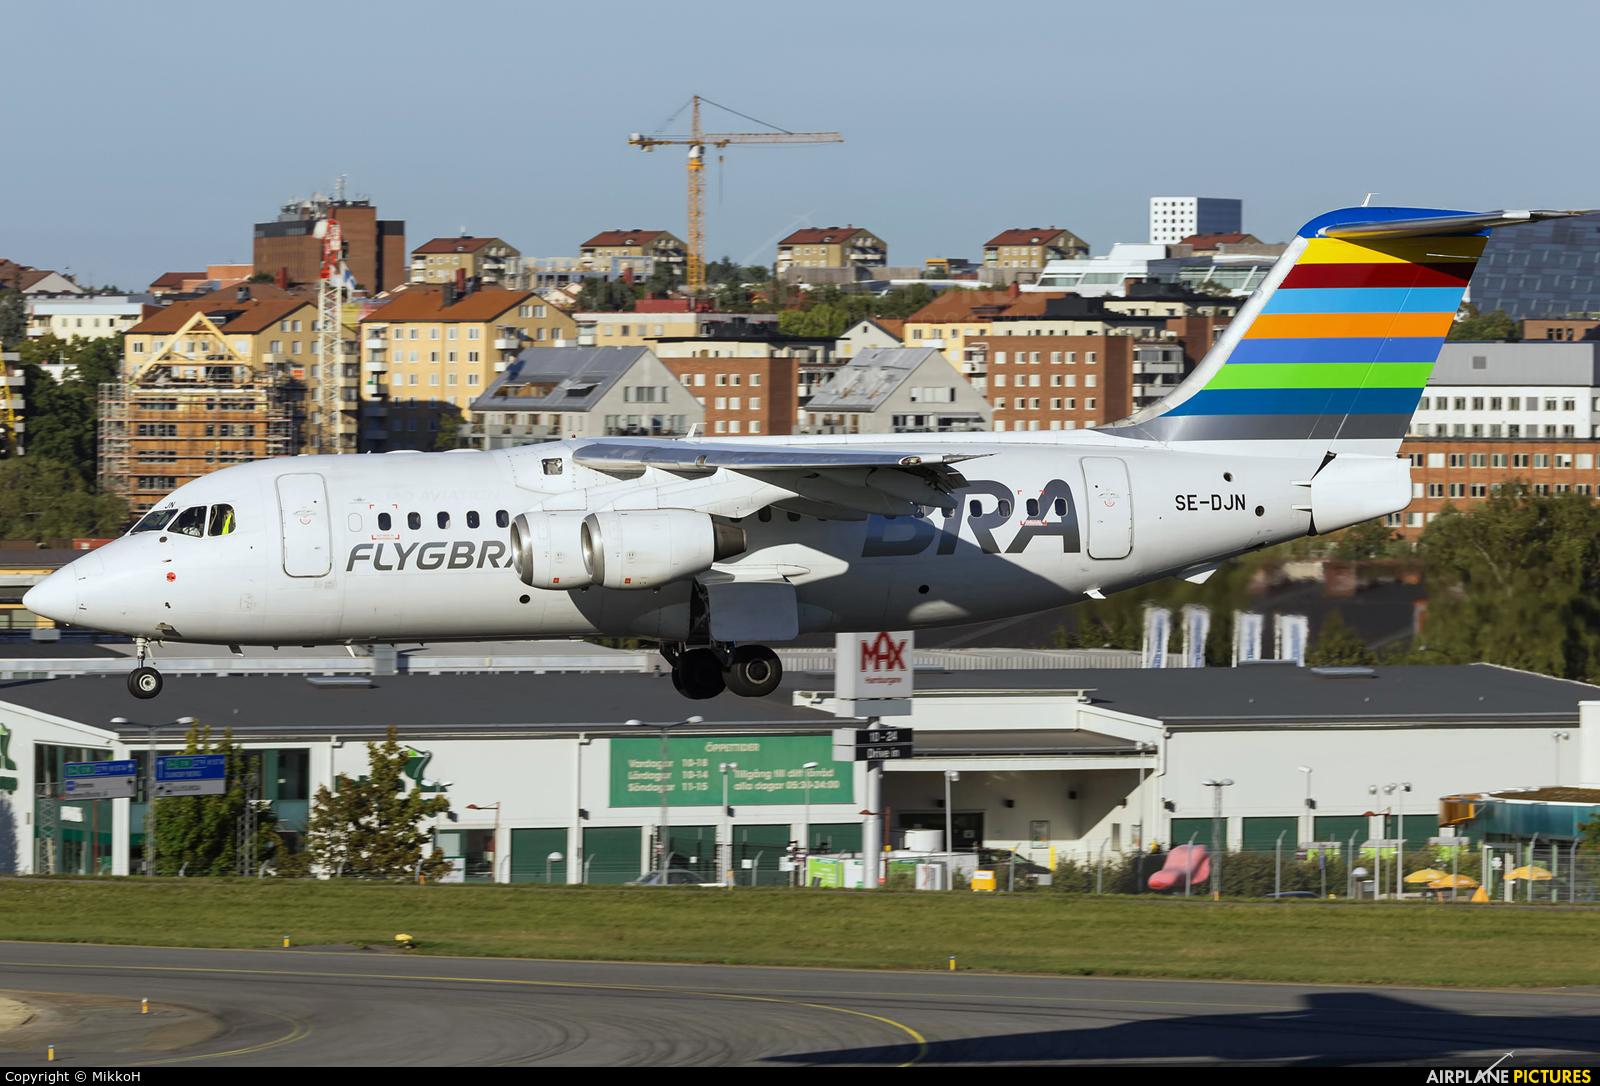 BRA (Sweden) SE-DJN aircraft at Stockholm - Bromma